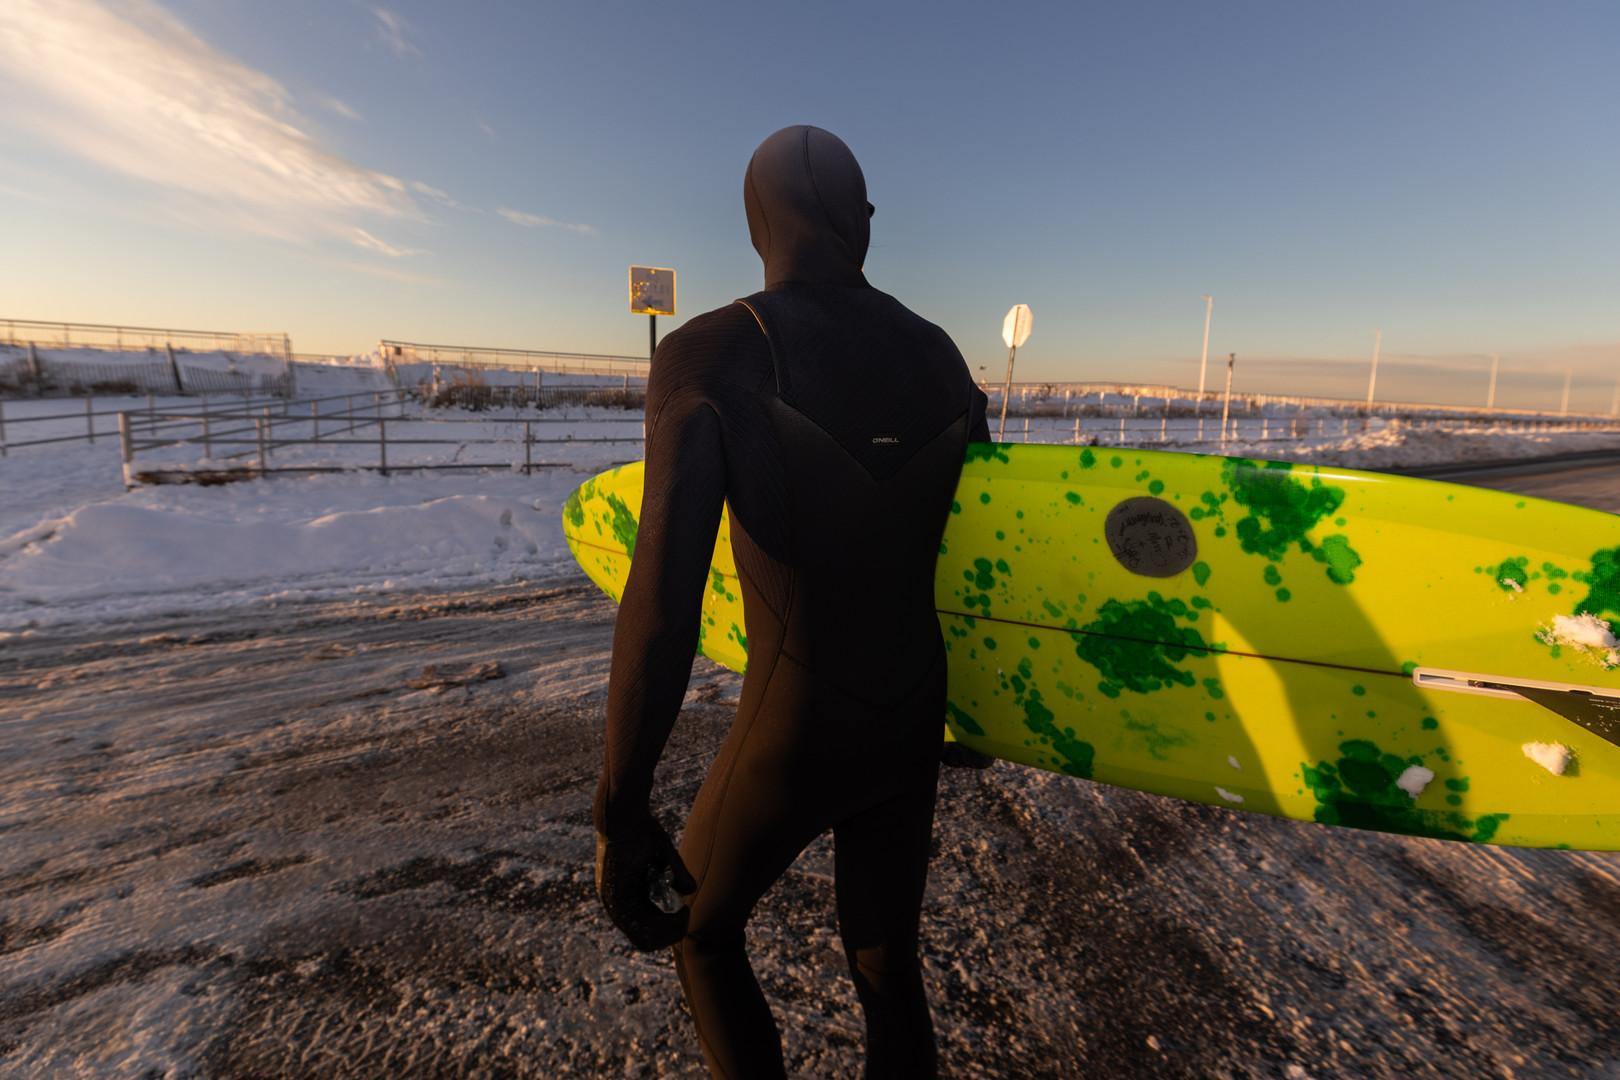 210208-Moran-MTucker-Winter_Surf (2 of 2